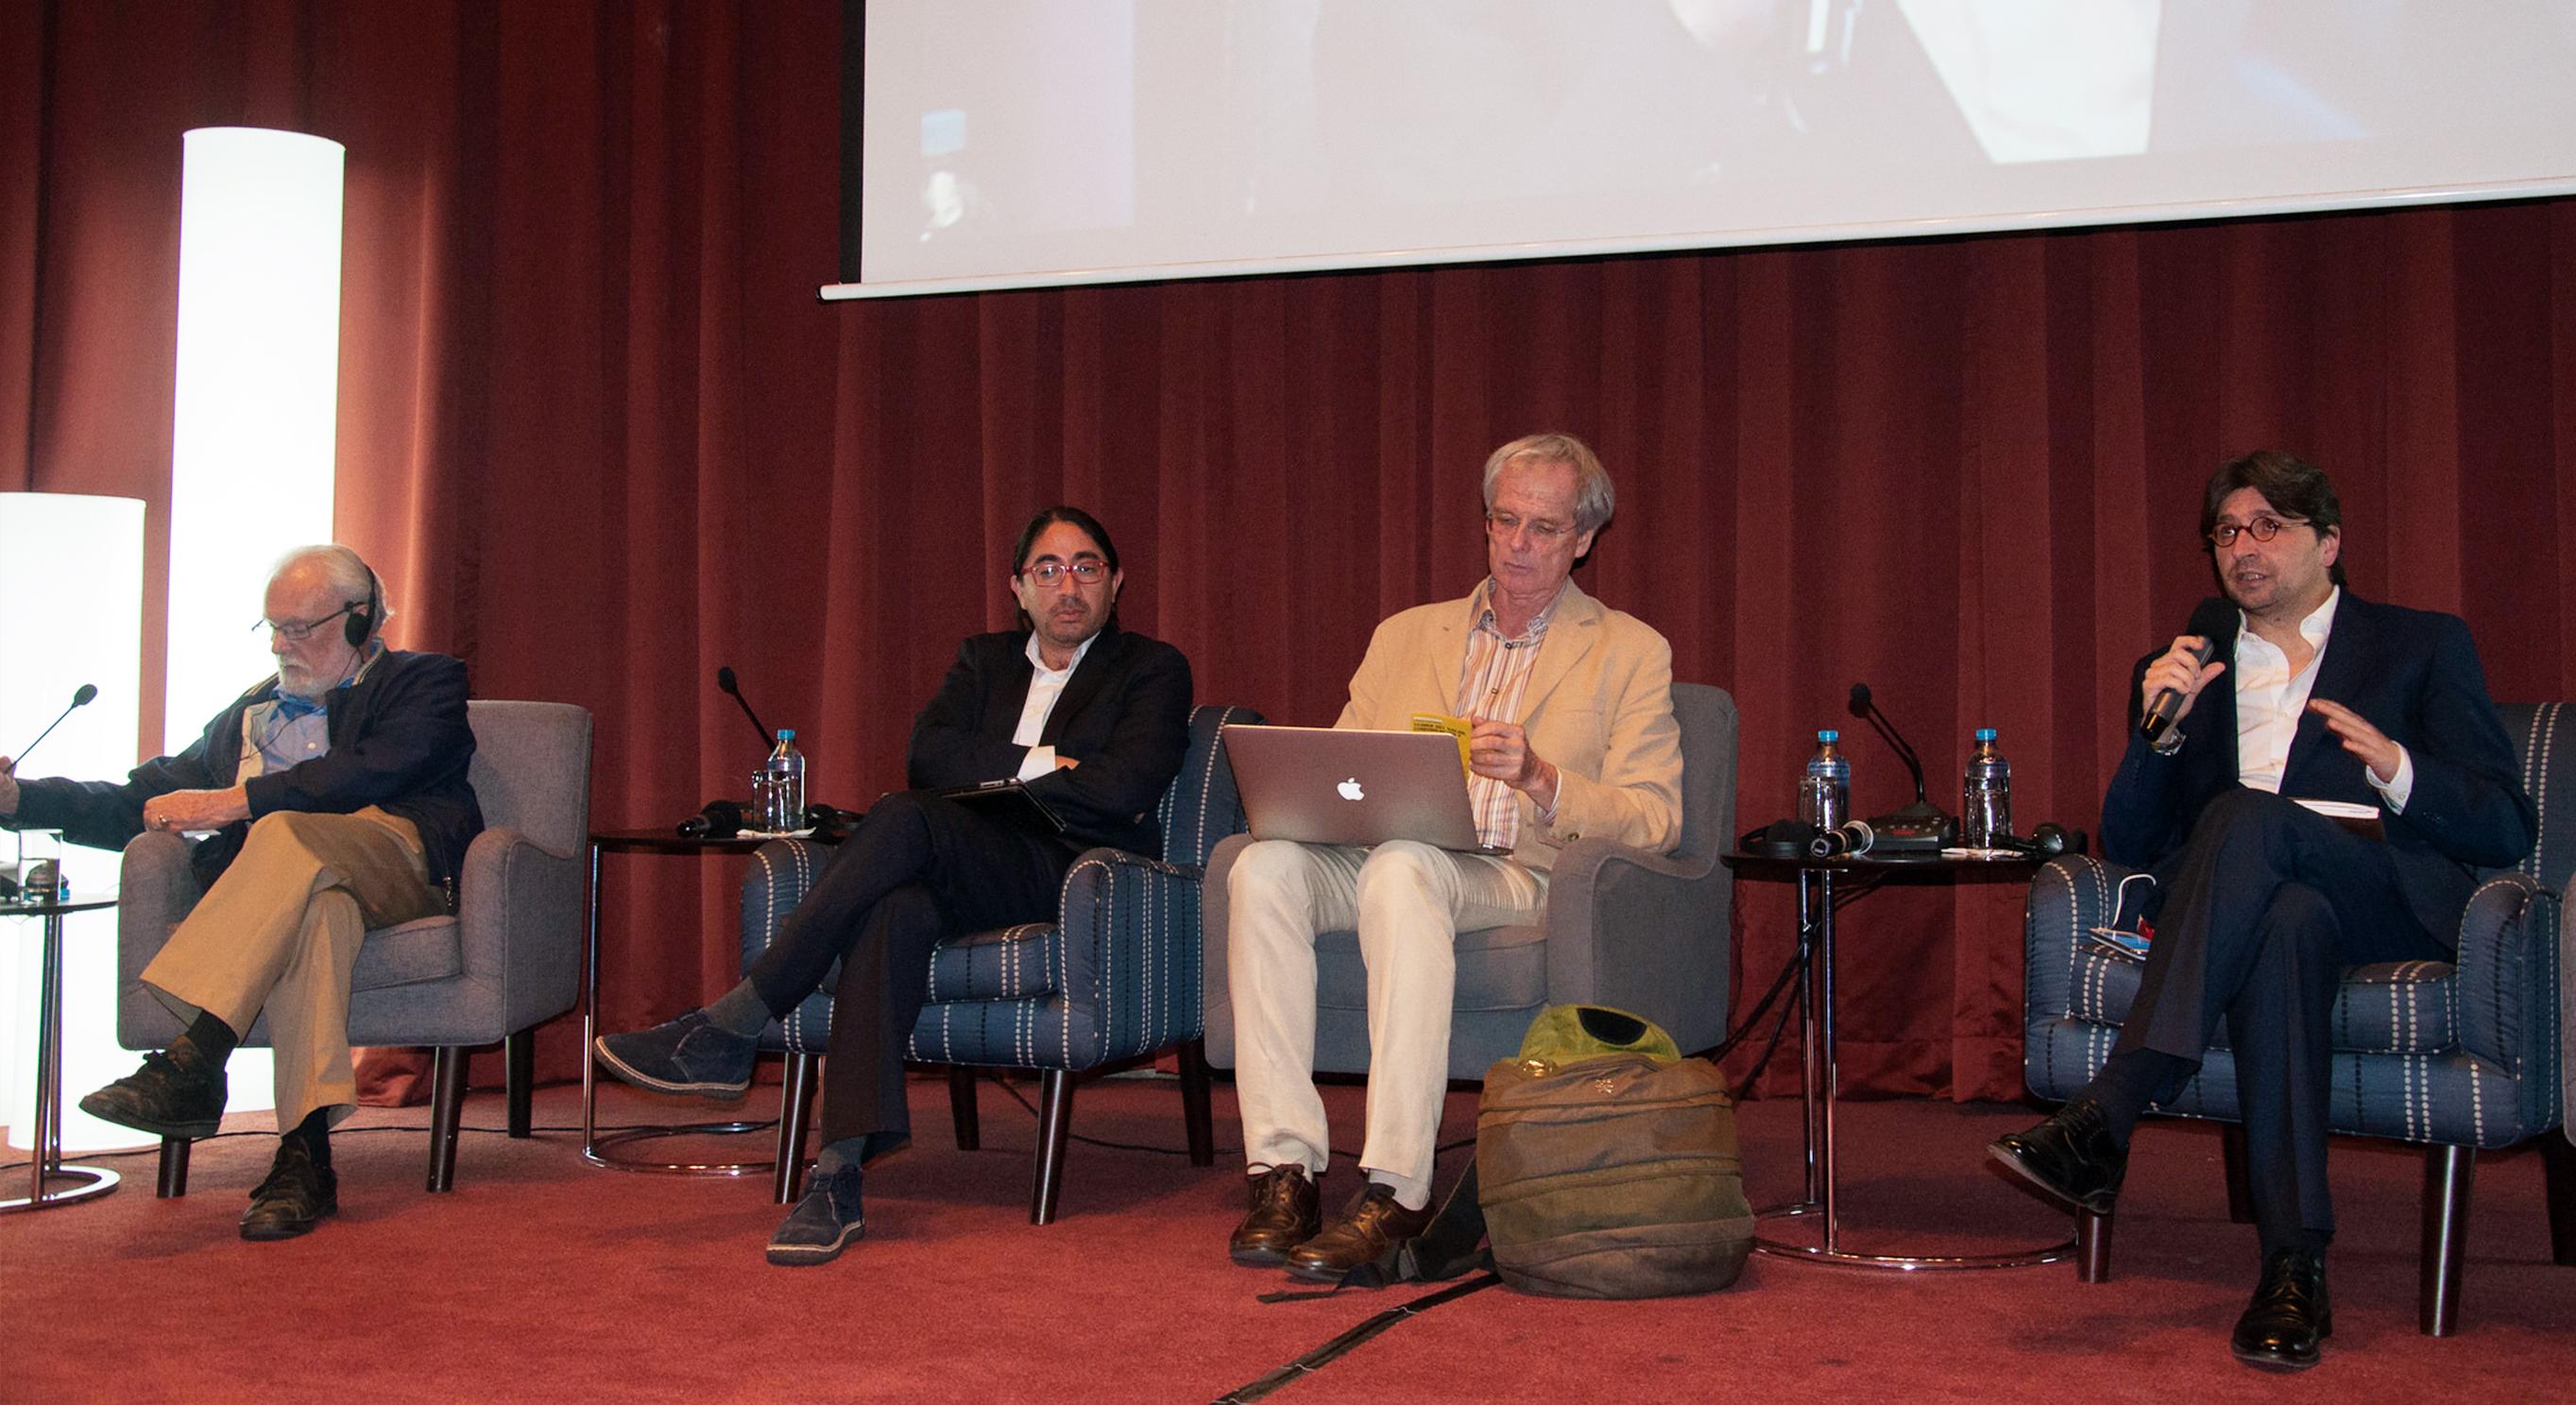 Con excelente acogida concluyó el Seminario Internacional sobre Teoría del Valor, Comunicación y Territorio